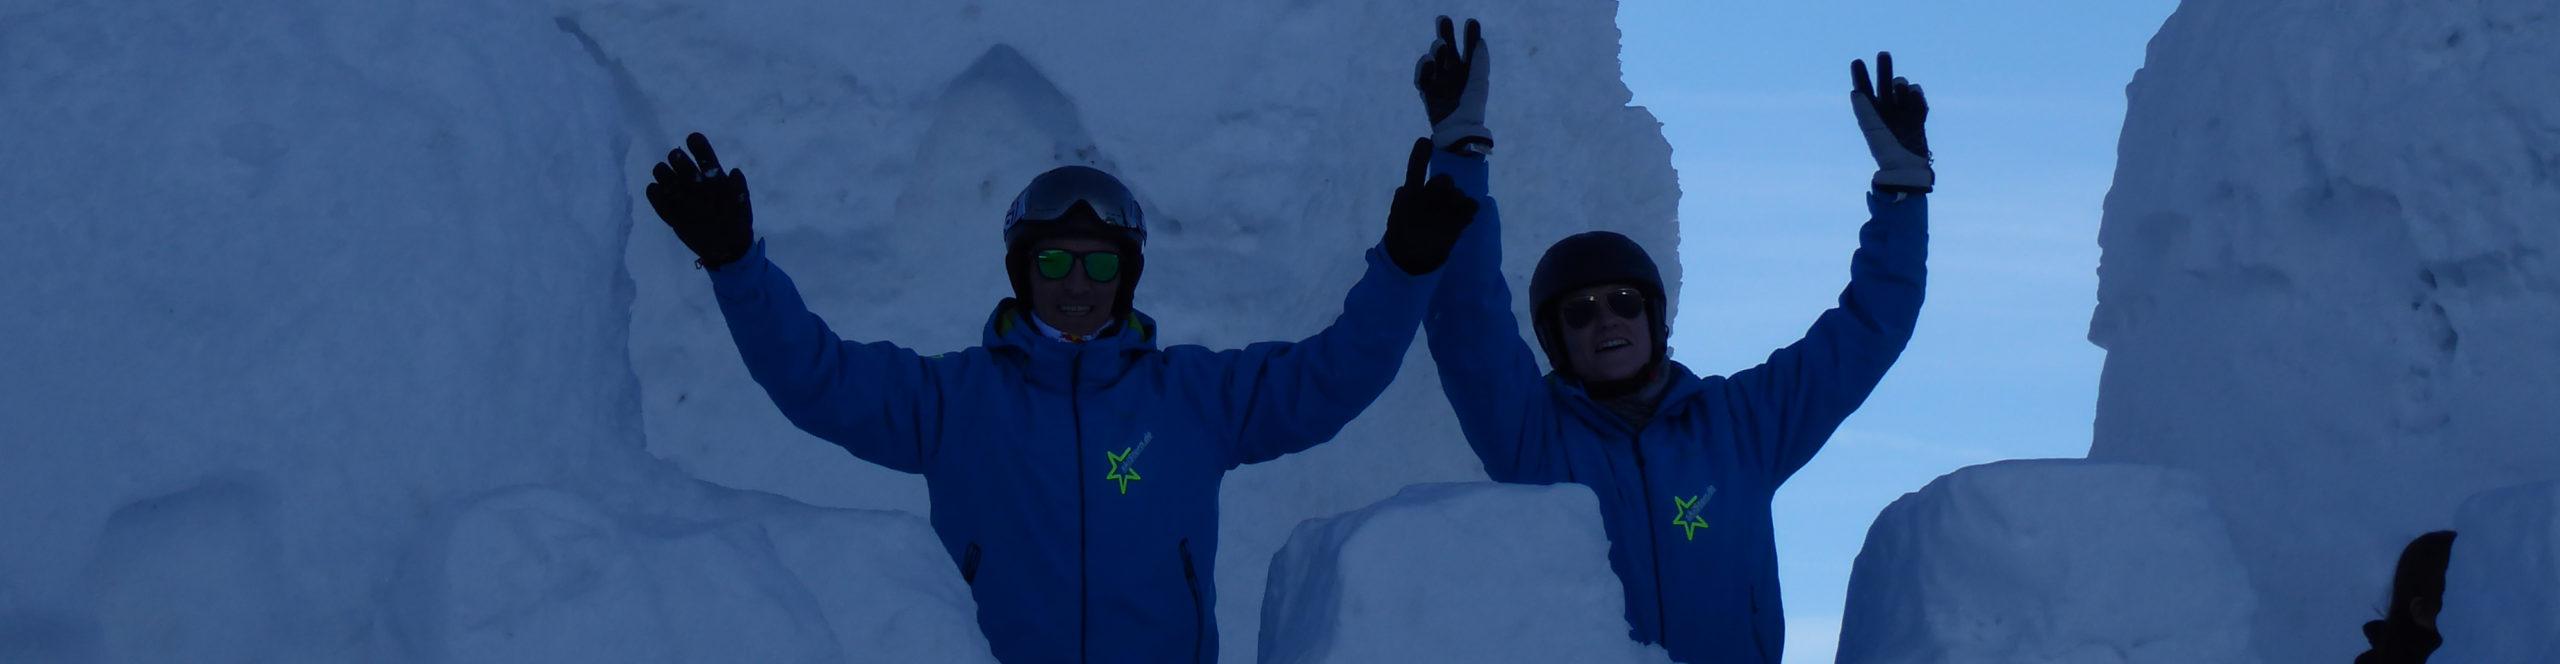 STUBAIER GLETSCHER – Skiwochenende – mit absoluter Schneegarantie – ab Freitag Nachmittag